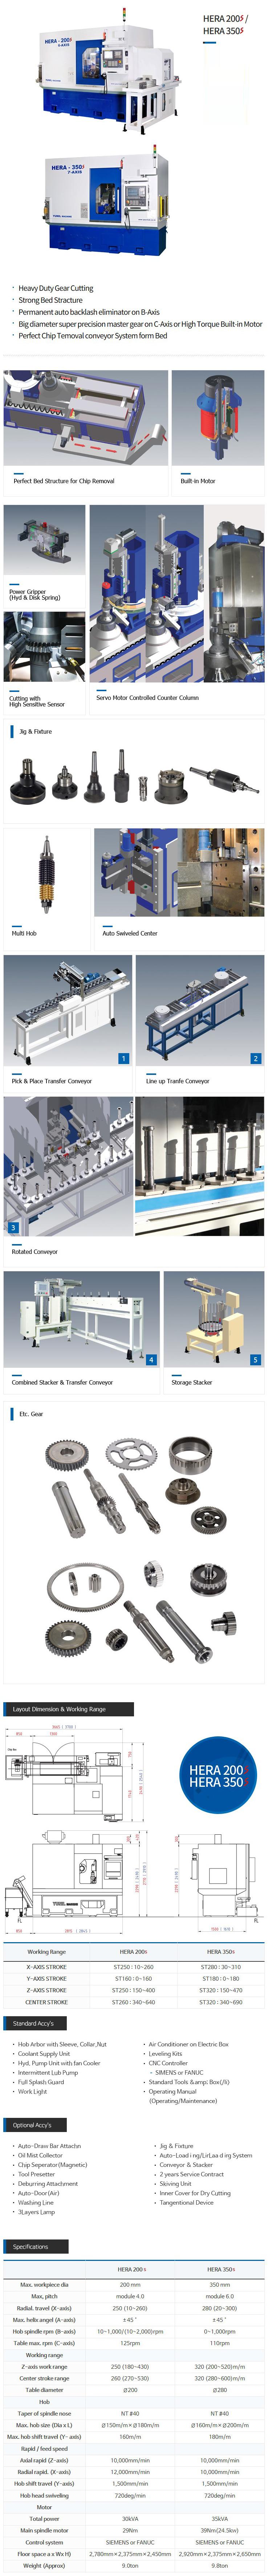 YUNIL MACHINE CNC Gear Hobbing Machine HERA 200S / HERA 350S